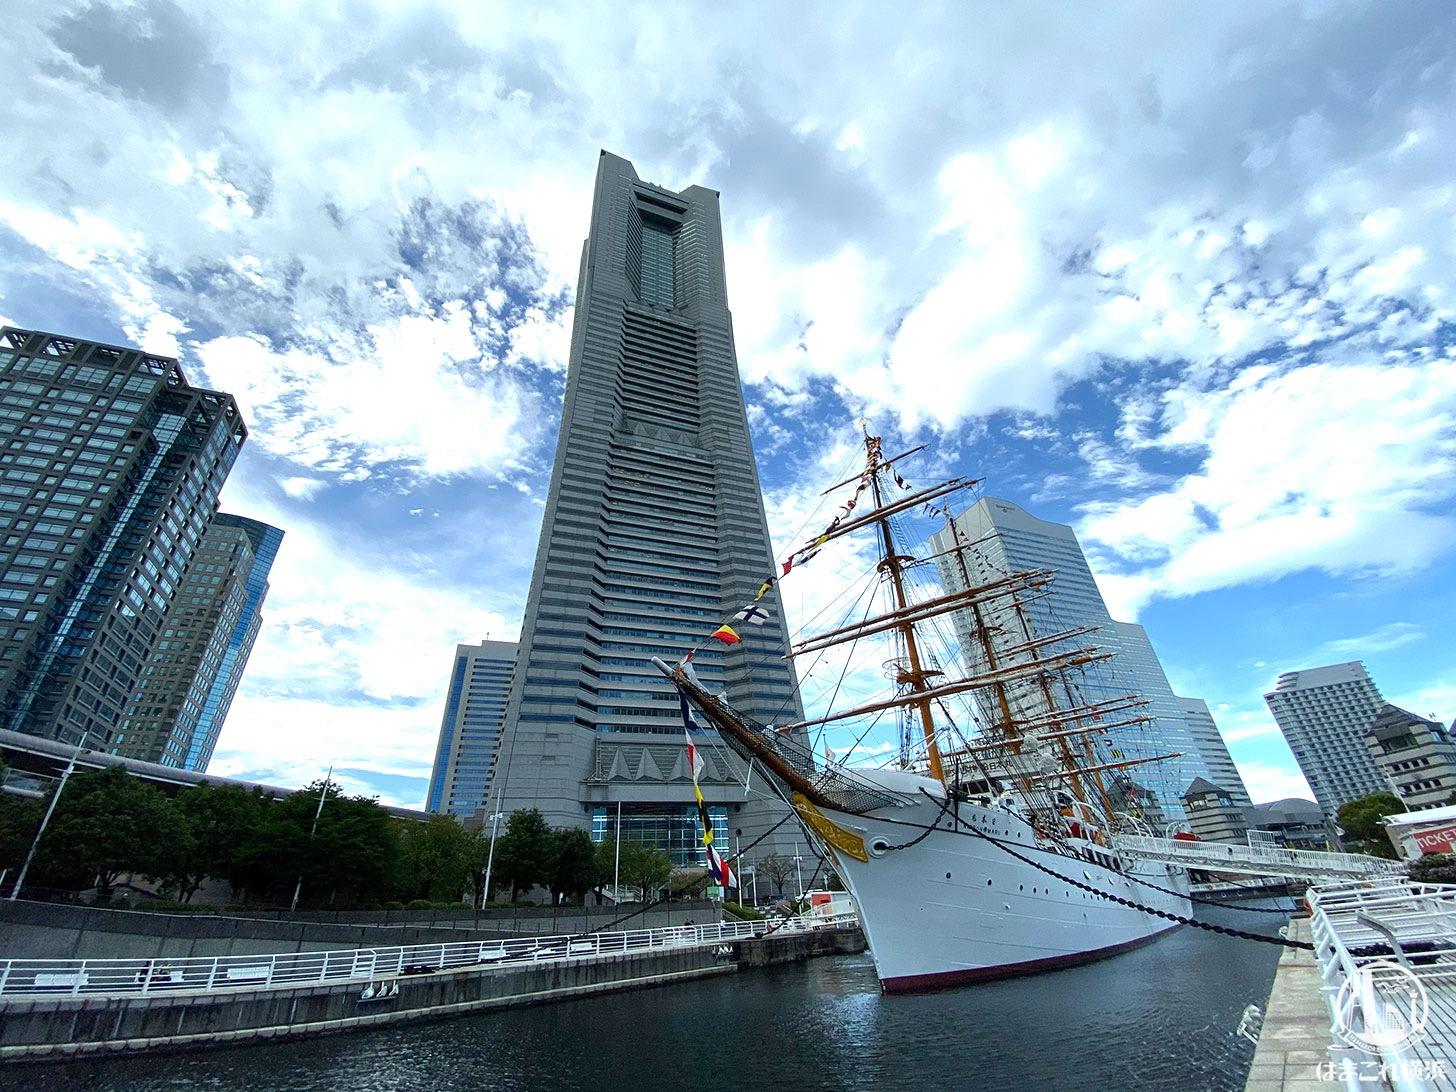 横浜市 即位礼正殿の儀(10月22日)を慶祝した無料公開の施設まとめ